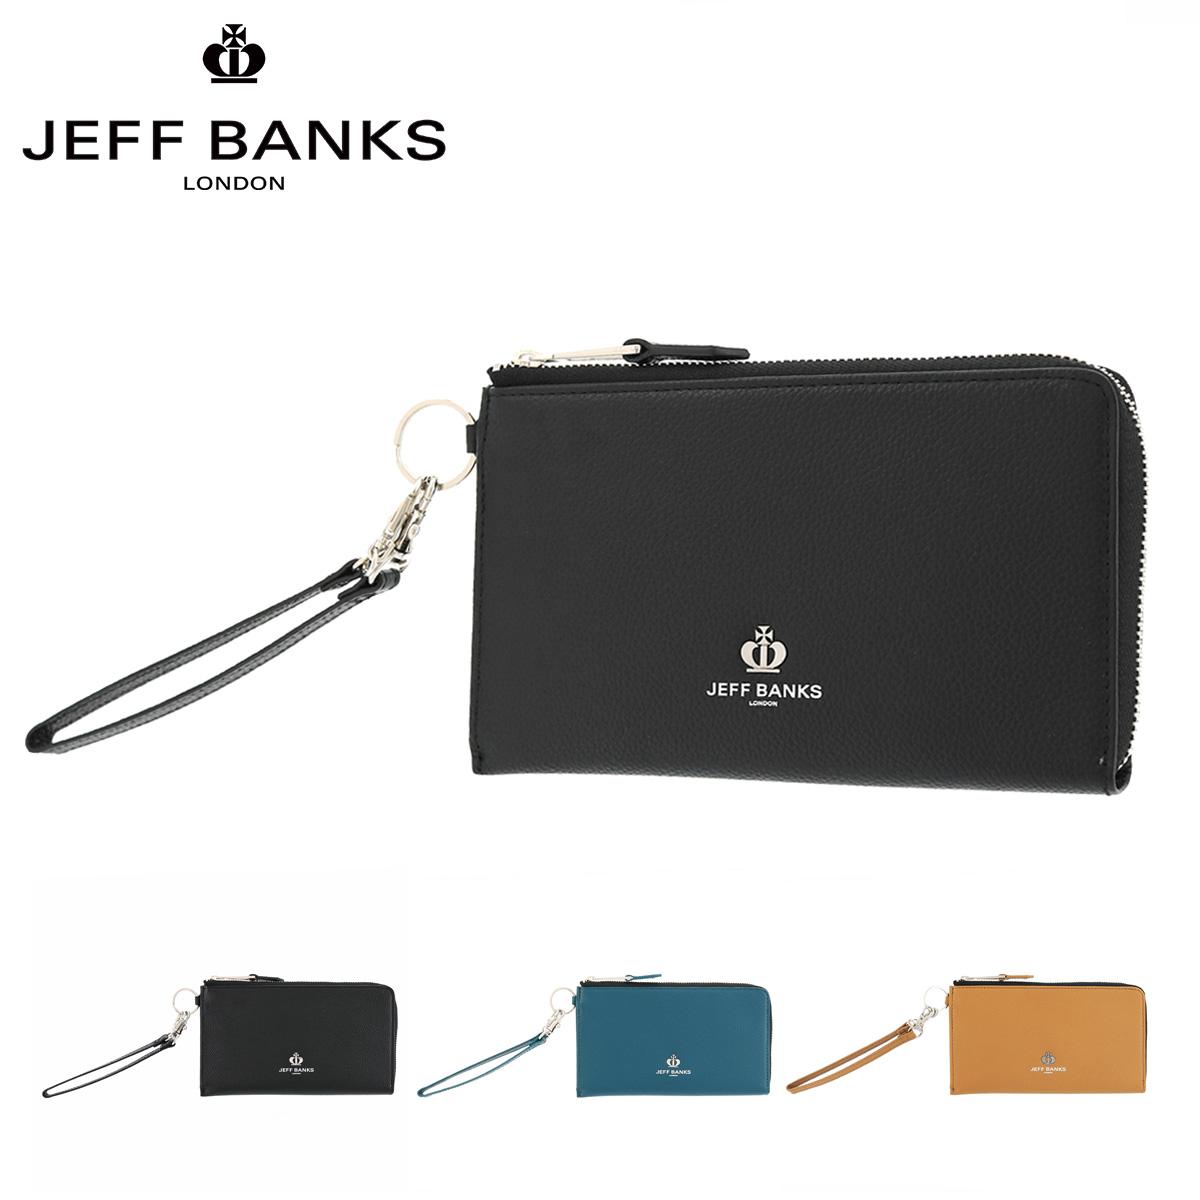 ジェフバンクス 長財布 フューチャー メンズ レディース JBP204 JEFF BANKS | スマホ対応 ストラップ付き 牛革 本革 レザー ブランド専用BOX付き [PO10][bef]